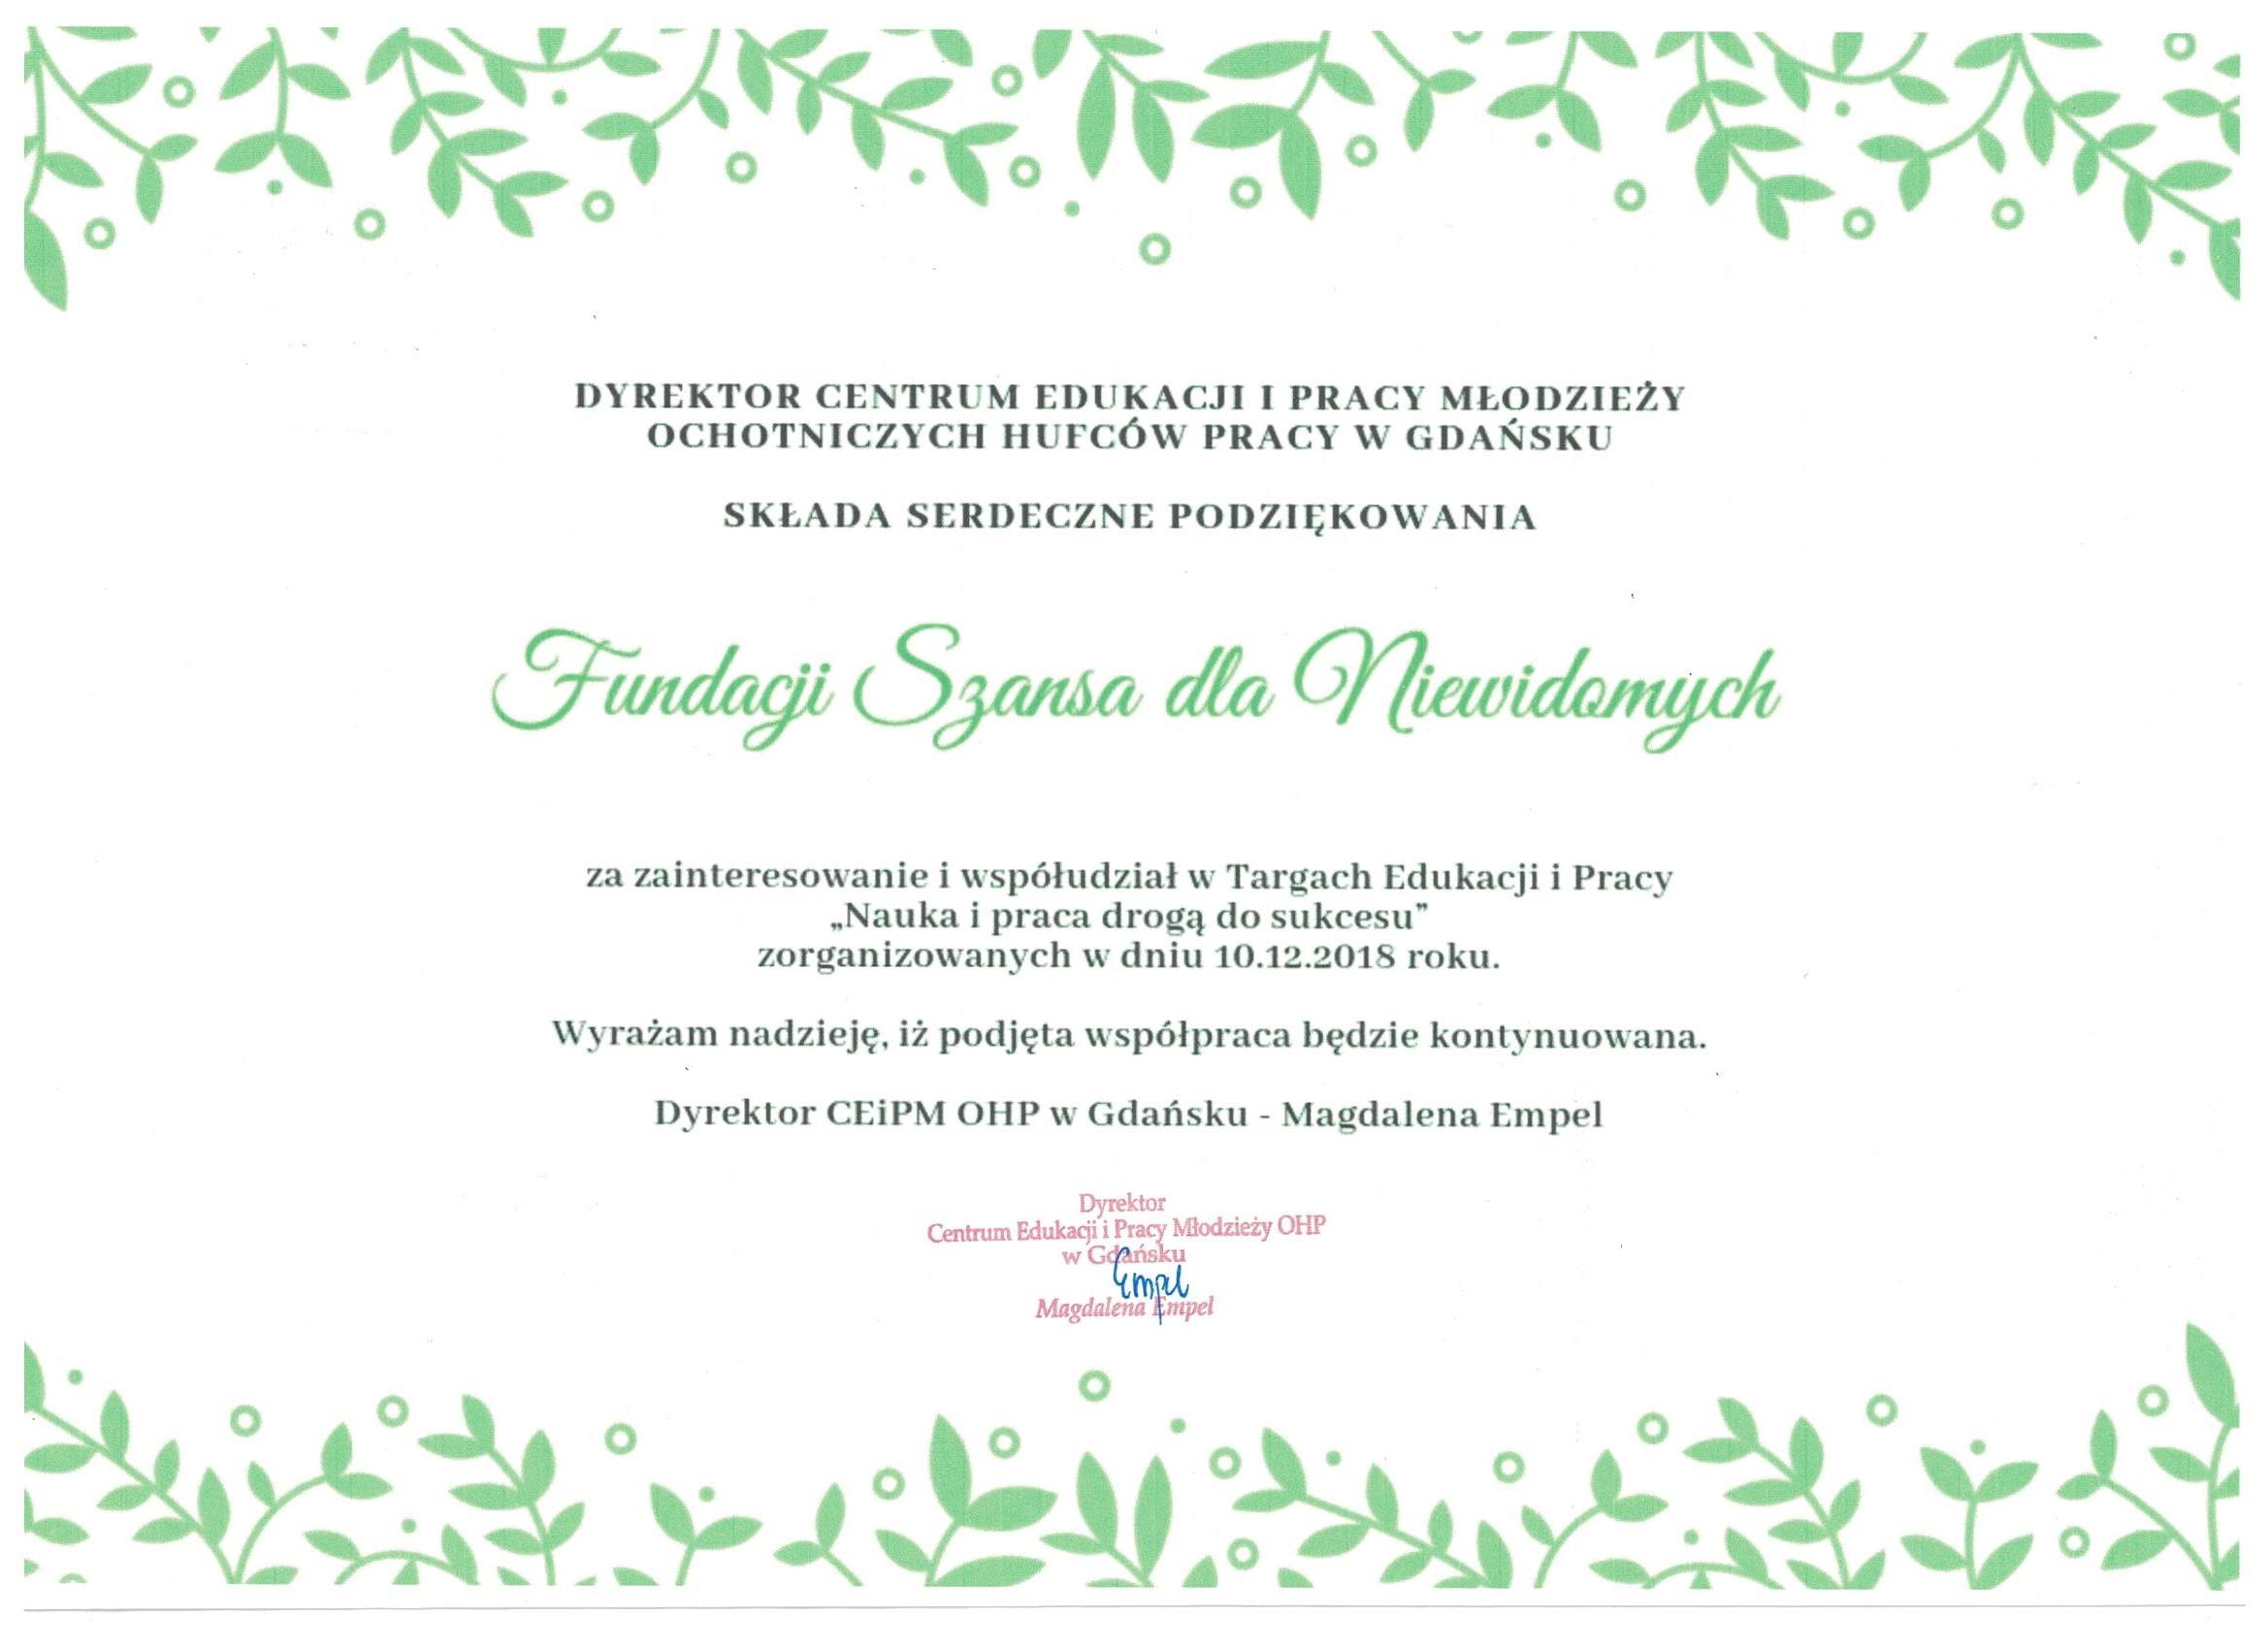 Dyrektor Centrum Edukacji i Pracy Młodzieży Ochotniczych Hufców Pracy w Gdańsku składa serdeczne podziękowania Fundacji Szansa dla Niewidomych  za zainteresowanie i współudział w Targach Edukacji i Pracy